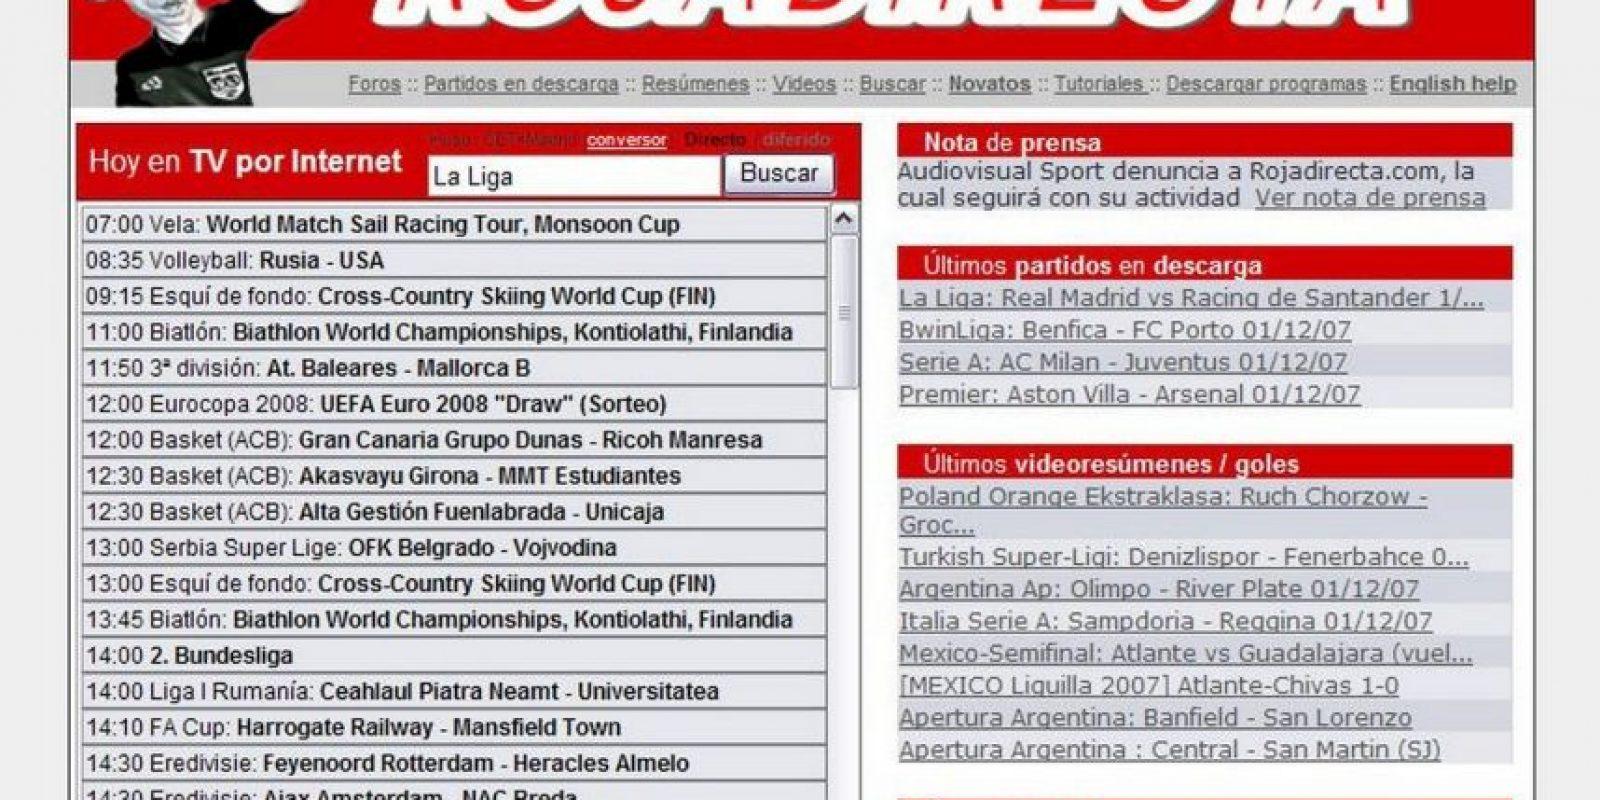 Un juez español dictaminó que deje de transmitir partidos de fútbol, en caso de no hacerlo, obligará a que proveedores de Internet bloqueen el acceso a su sitio. Foto:Tumblr